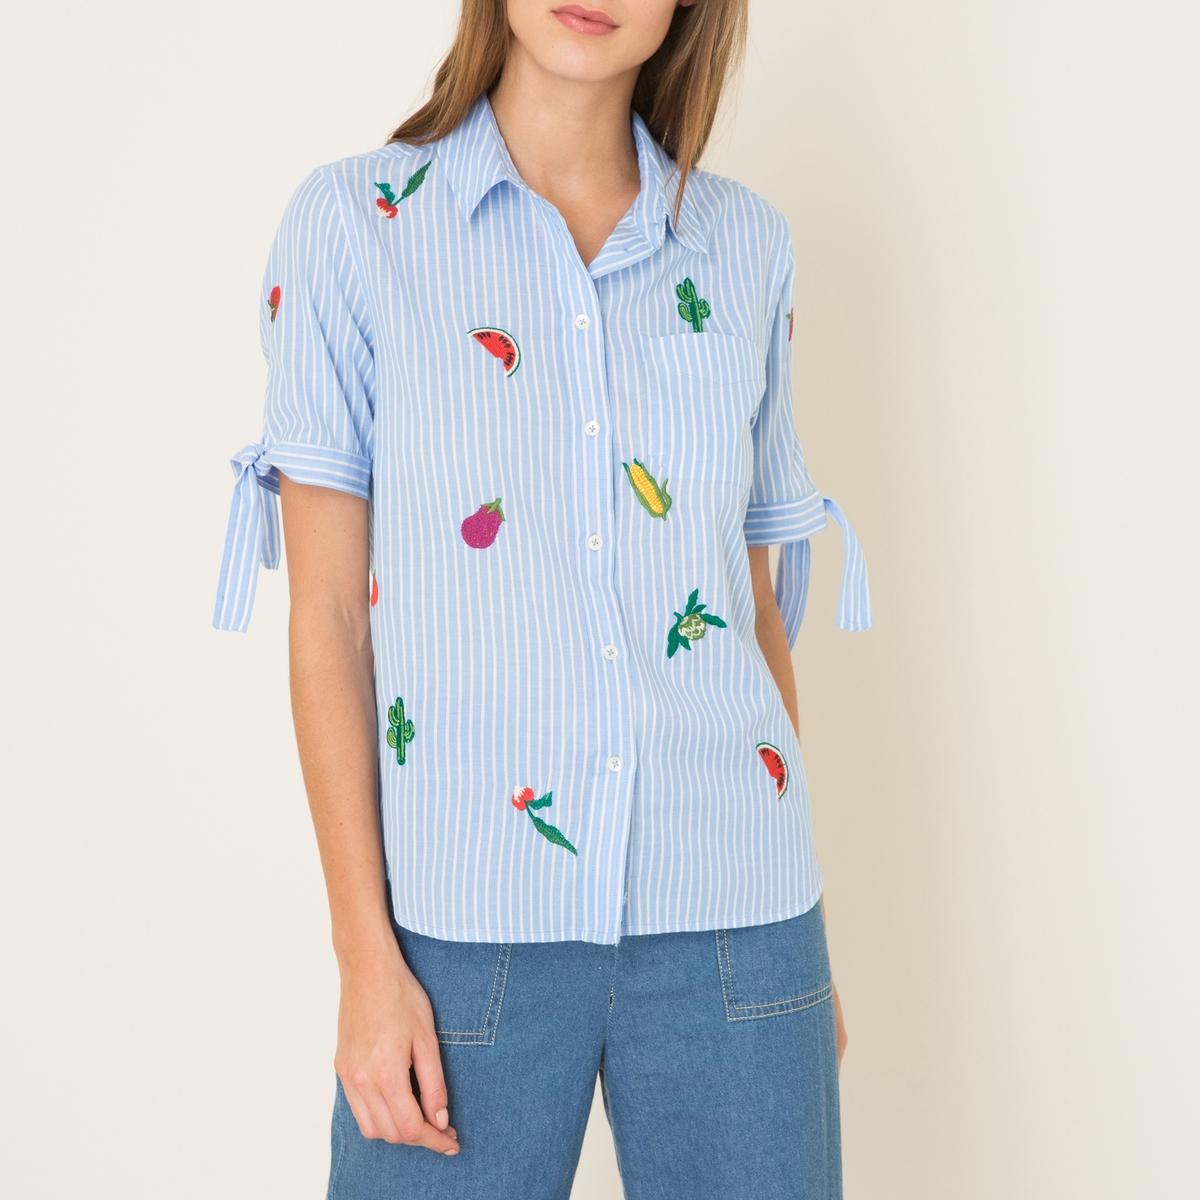 Рубашка CHARM VEGGIEРубашка LEON AND HARPER - модель CHARM VEGGIE в полоску с нашивками и вышивкой. Хлопок с окрашенными нитями. Короткие рукава со вставкой и завязками снизу. Застежка на пуговицы. Закругленный низСостав и описание      Материал: 100% полиэстер     Марка: LEON AND HARPER<br><br>Цвет: синий<br>Размер: M